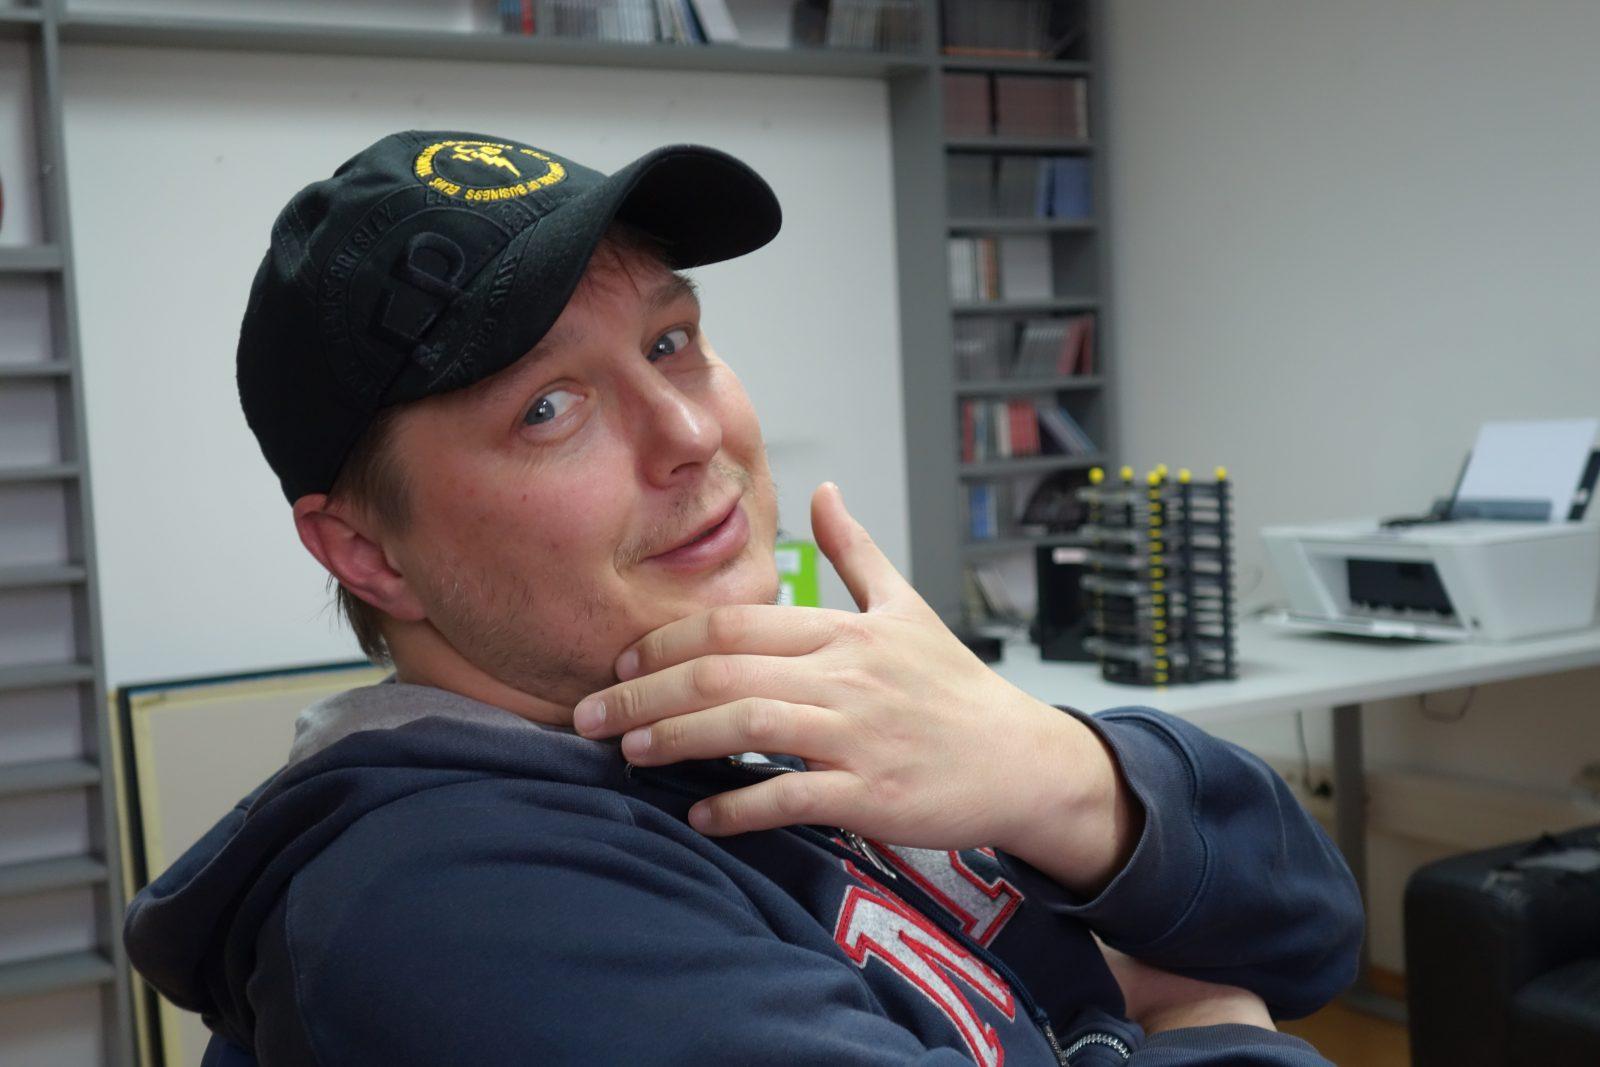 Max Dubravko Fijacko